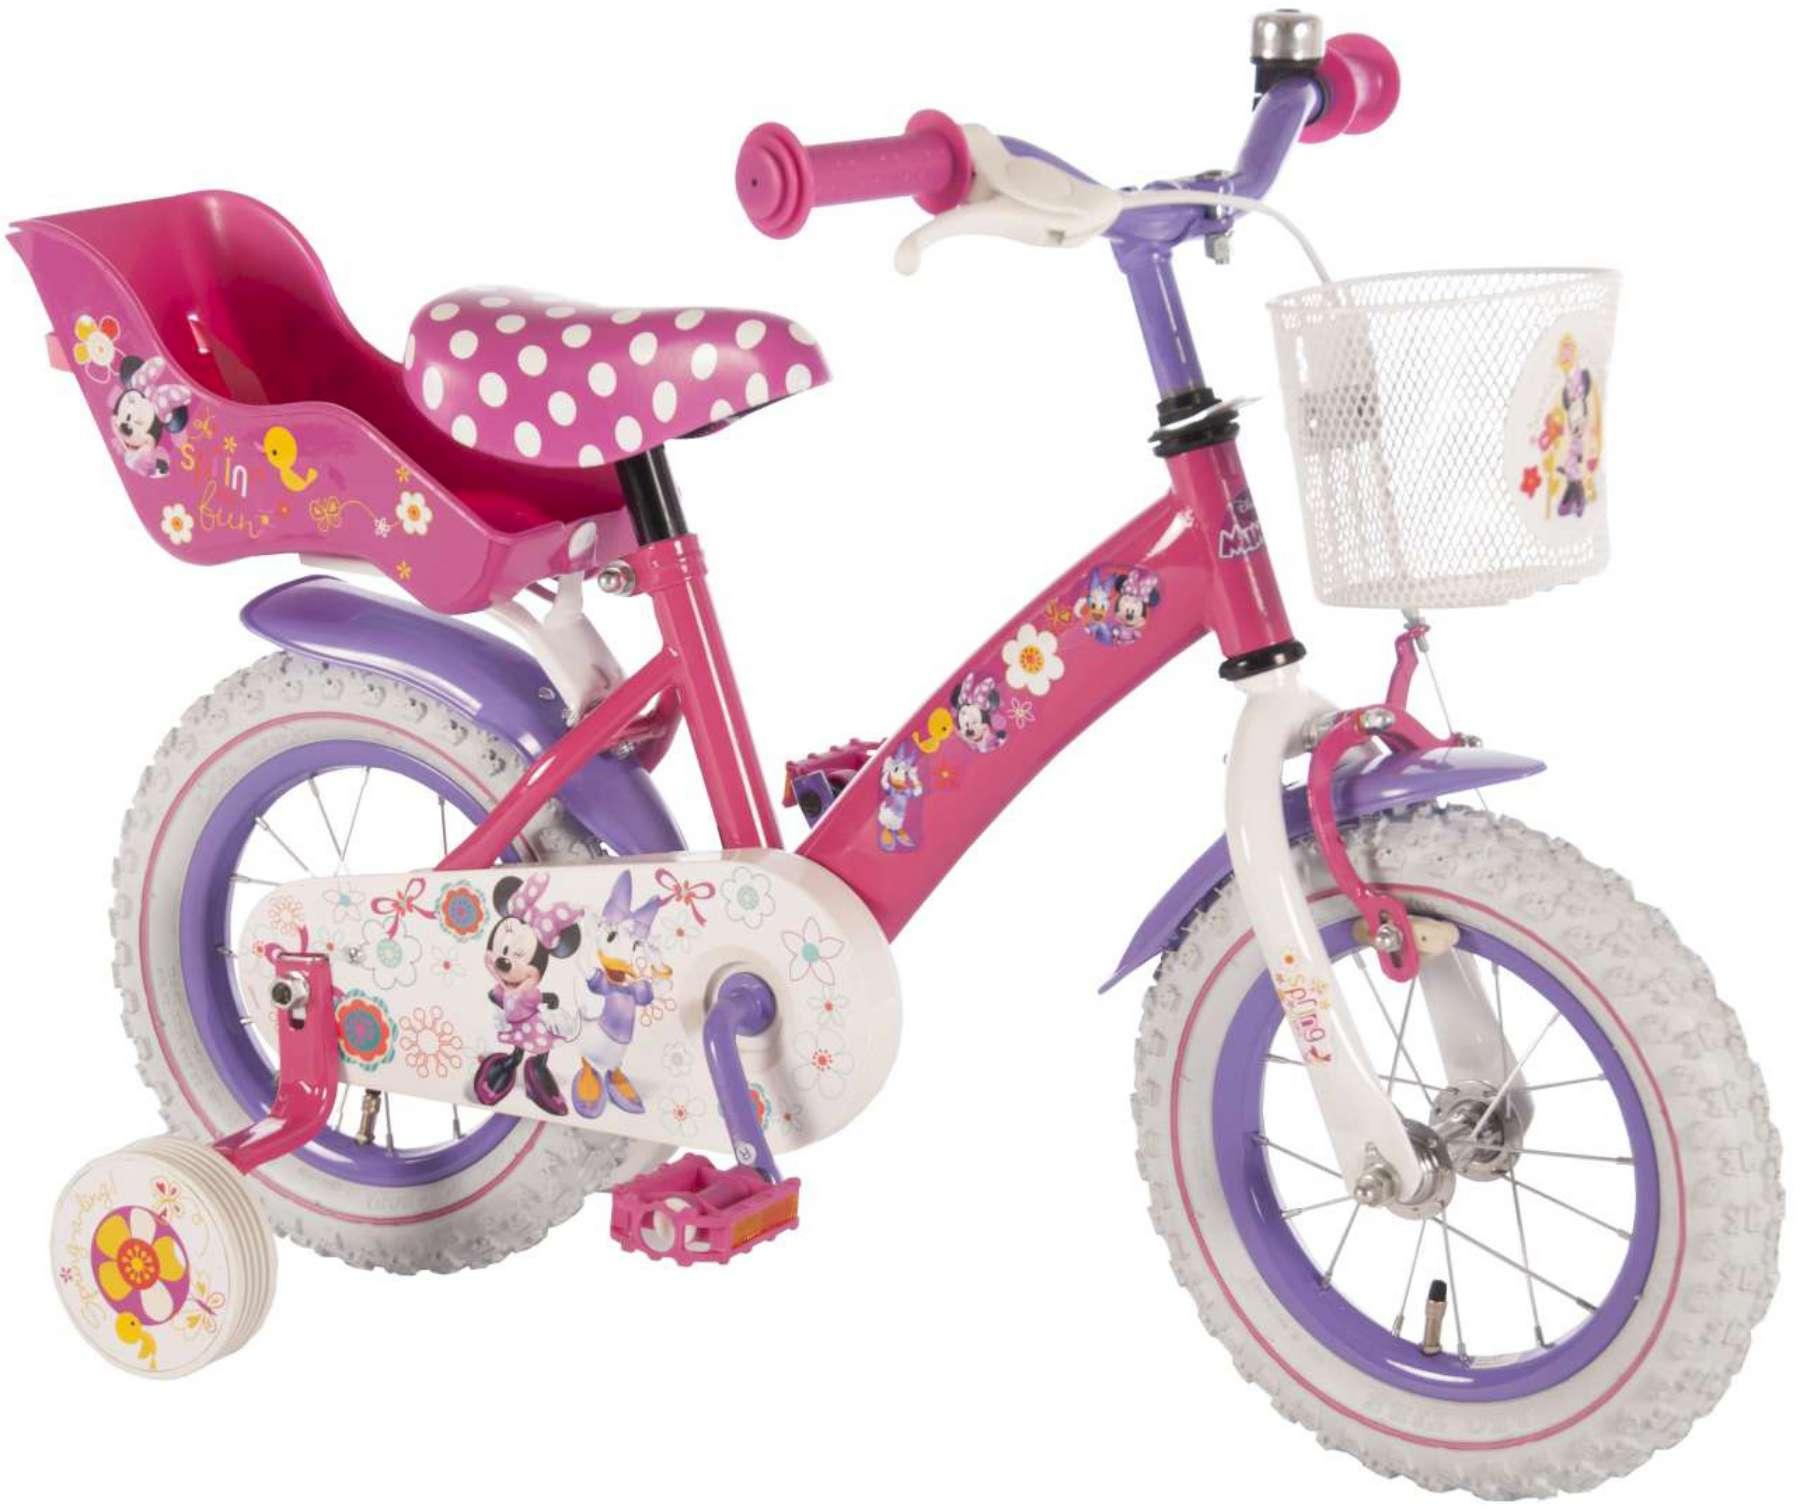 Disney Minnie Bow-Tique Kinderfahrrad 12 Zoll